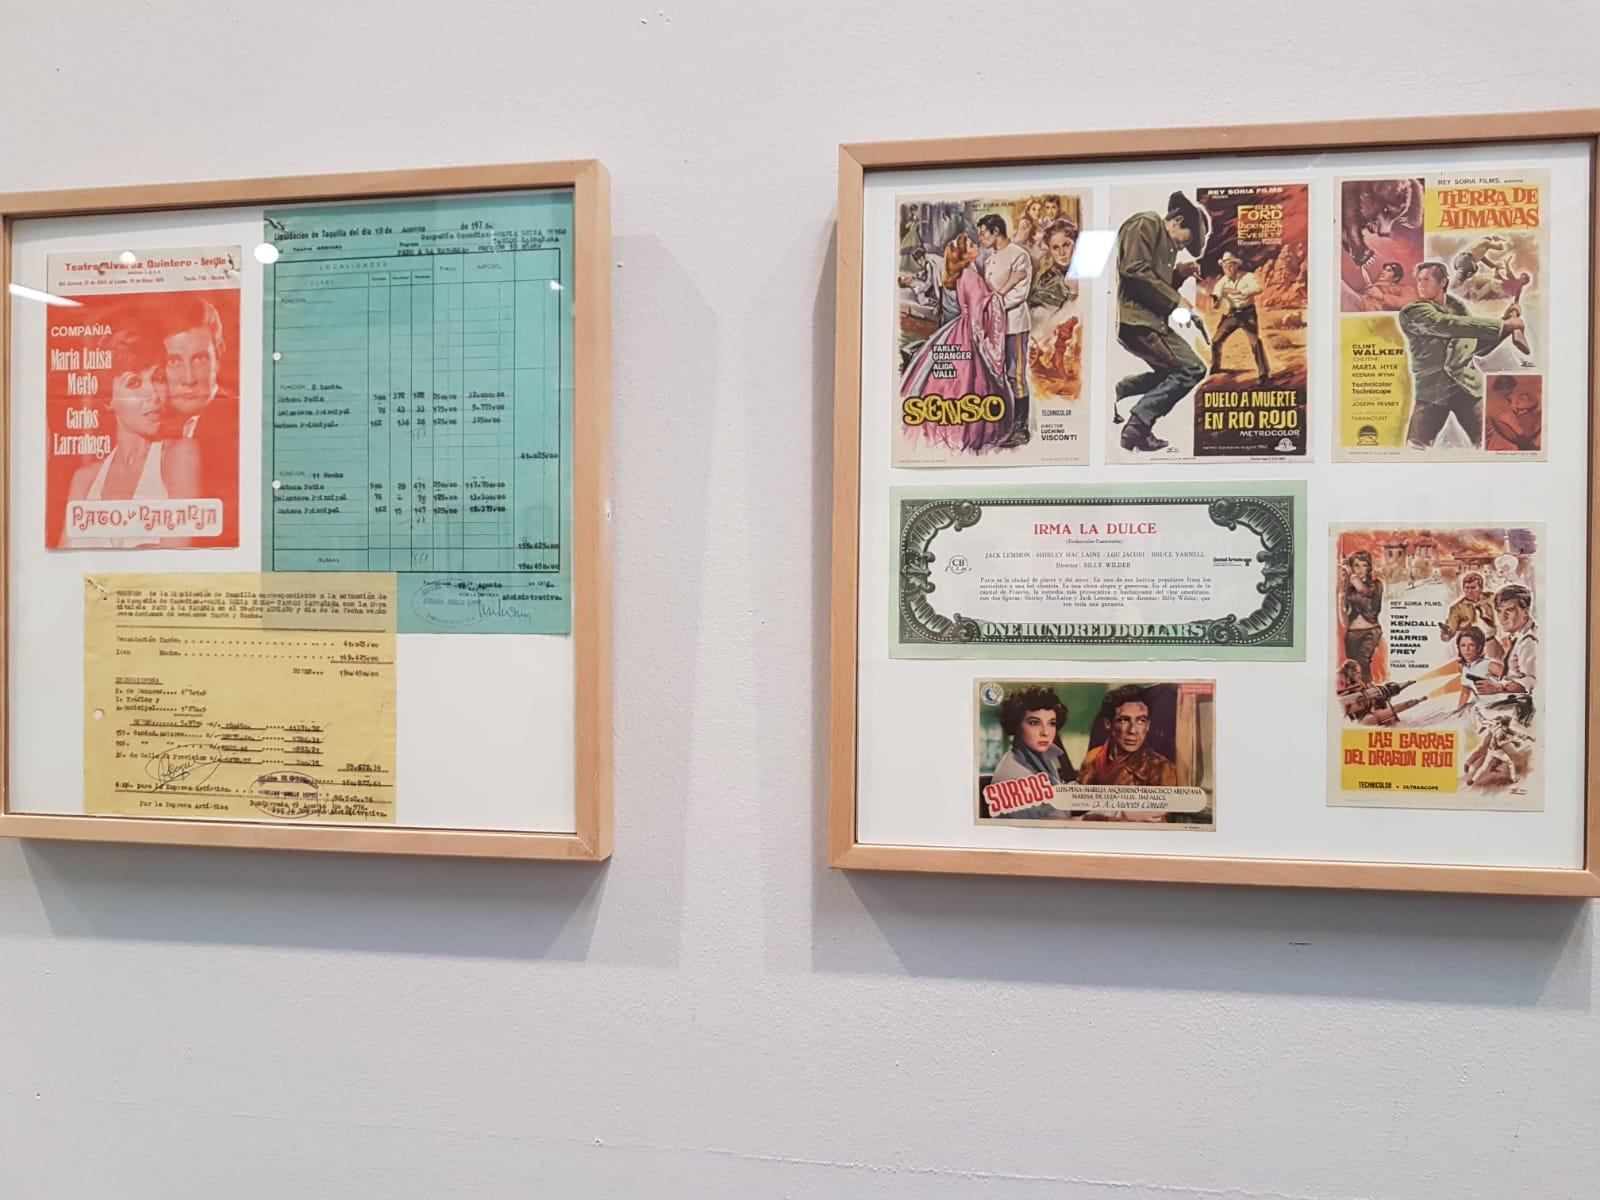 Los Papeles de Adriano una exposición en la Casa de la Cultura que nos lleva a conocer los antiguos cines de Ponferrada 3